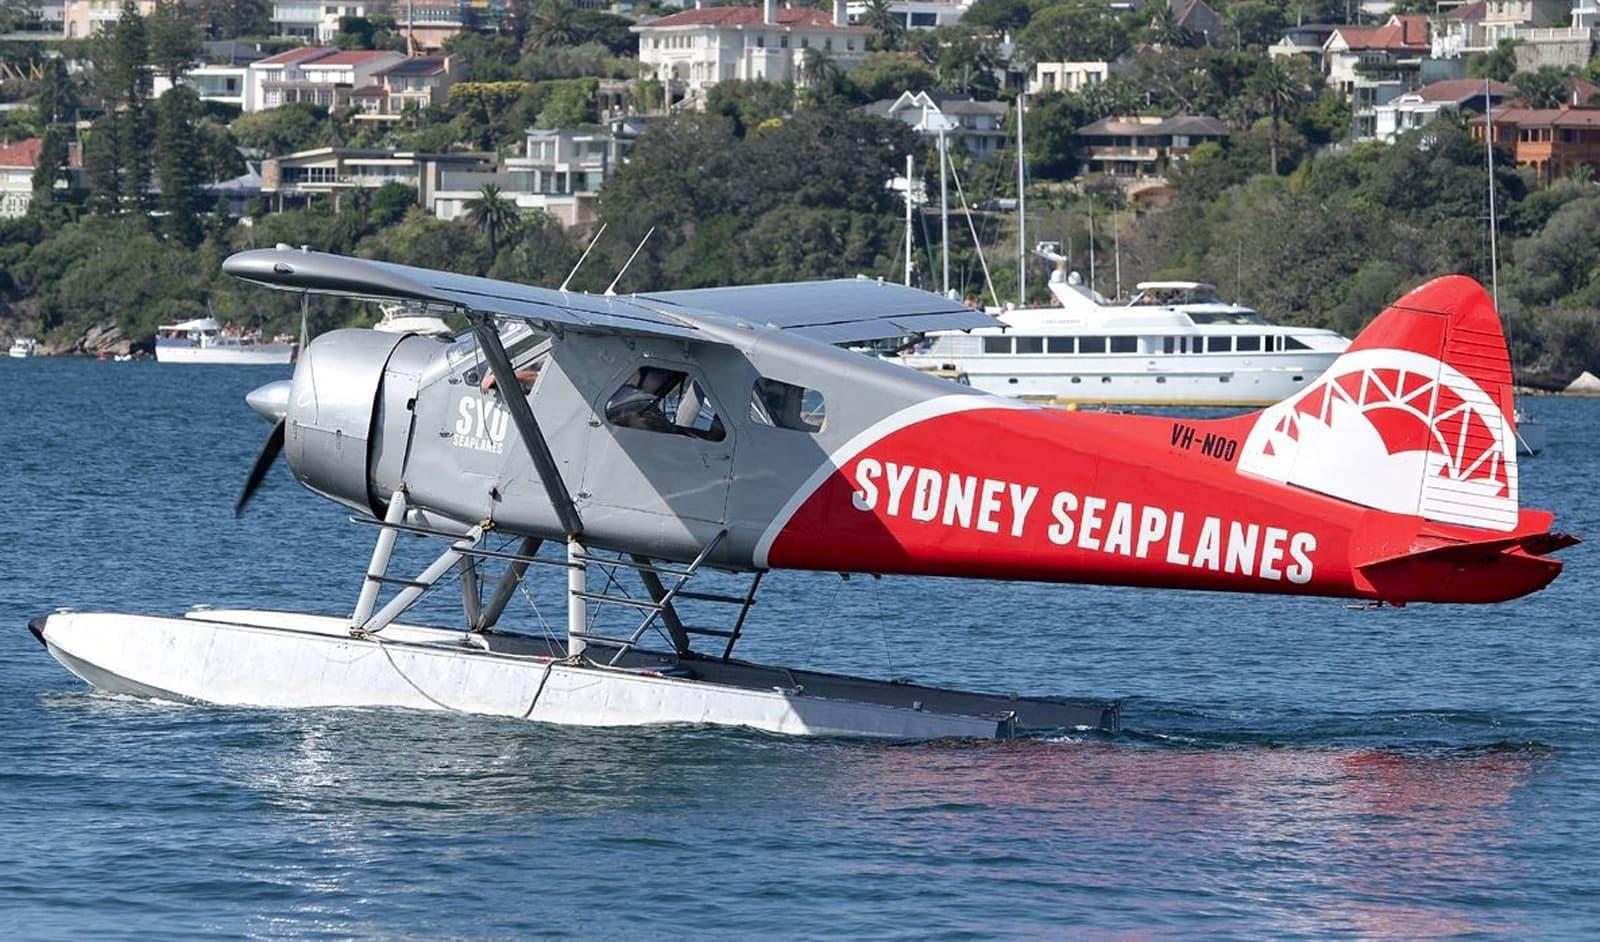 Sydney Seaplanes -yhtiön julkistama kuva jokeen syöksyneestä vesilentokoneesta.